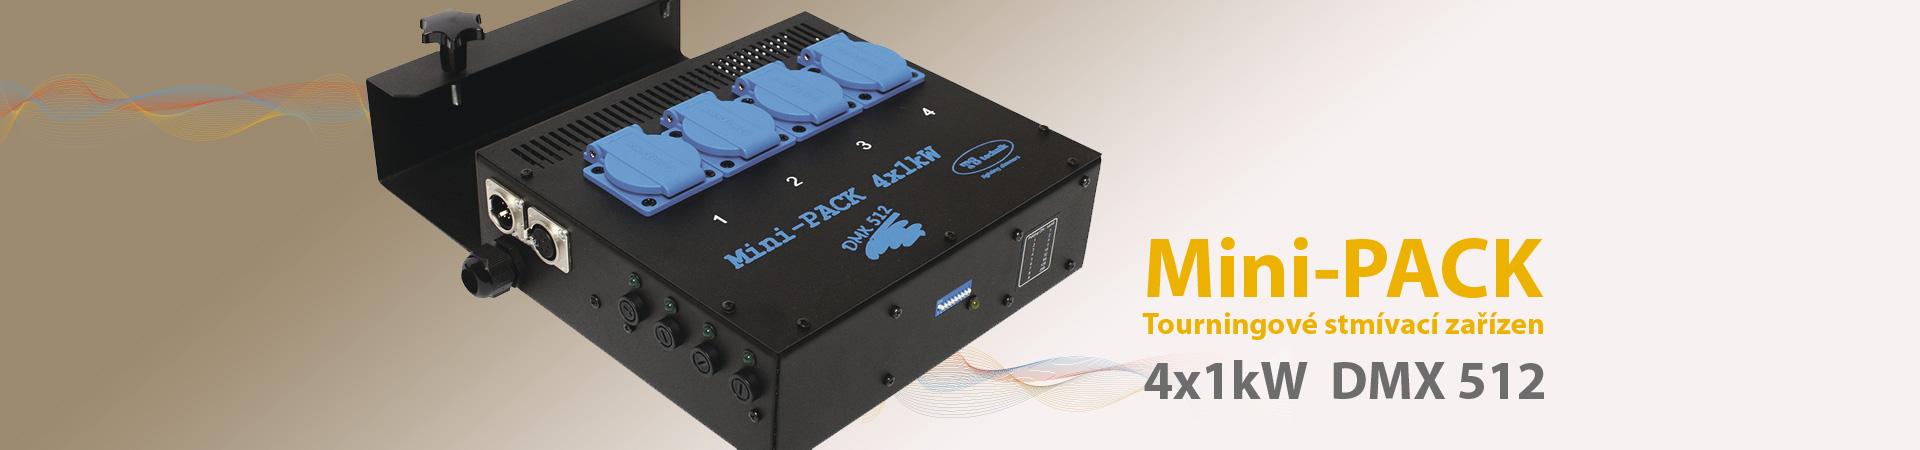 Tourningové stmívací zařízení Mini-Pack 4x1kW